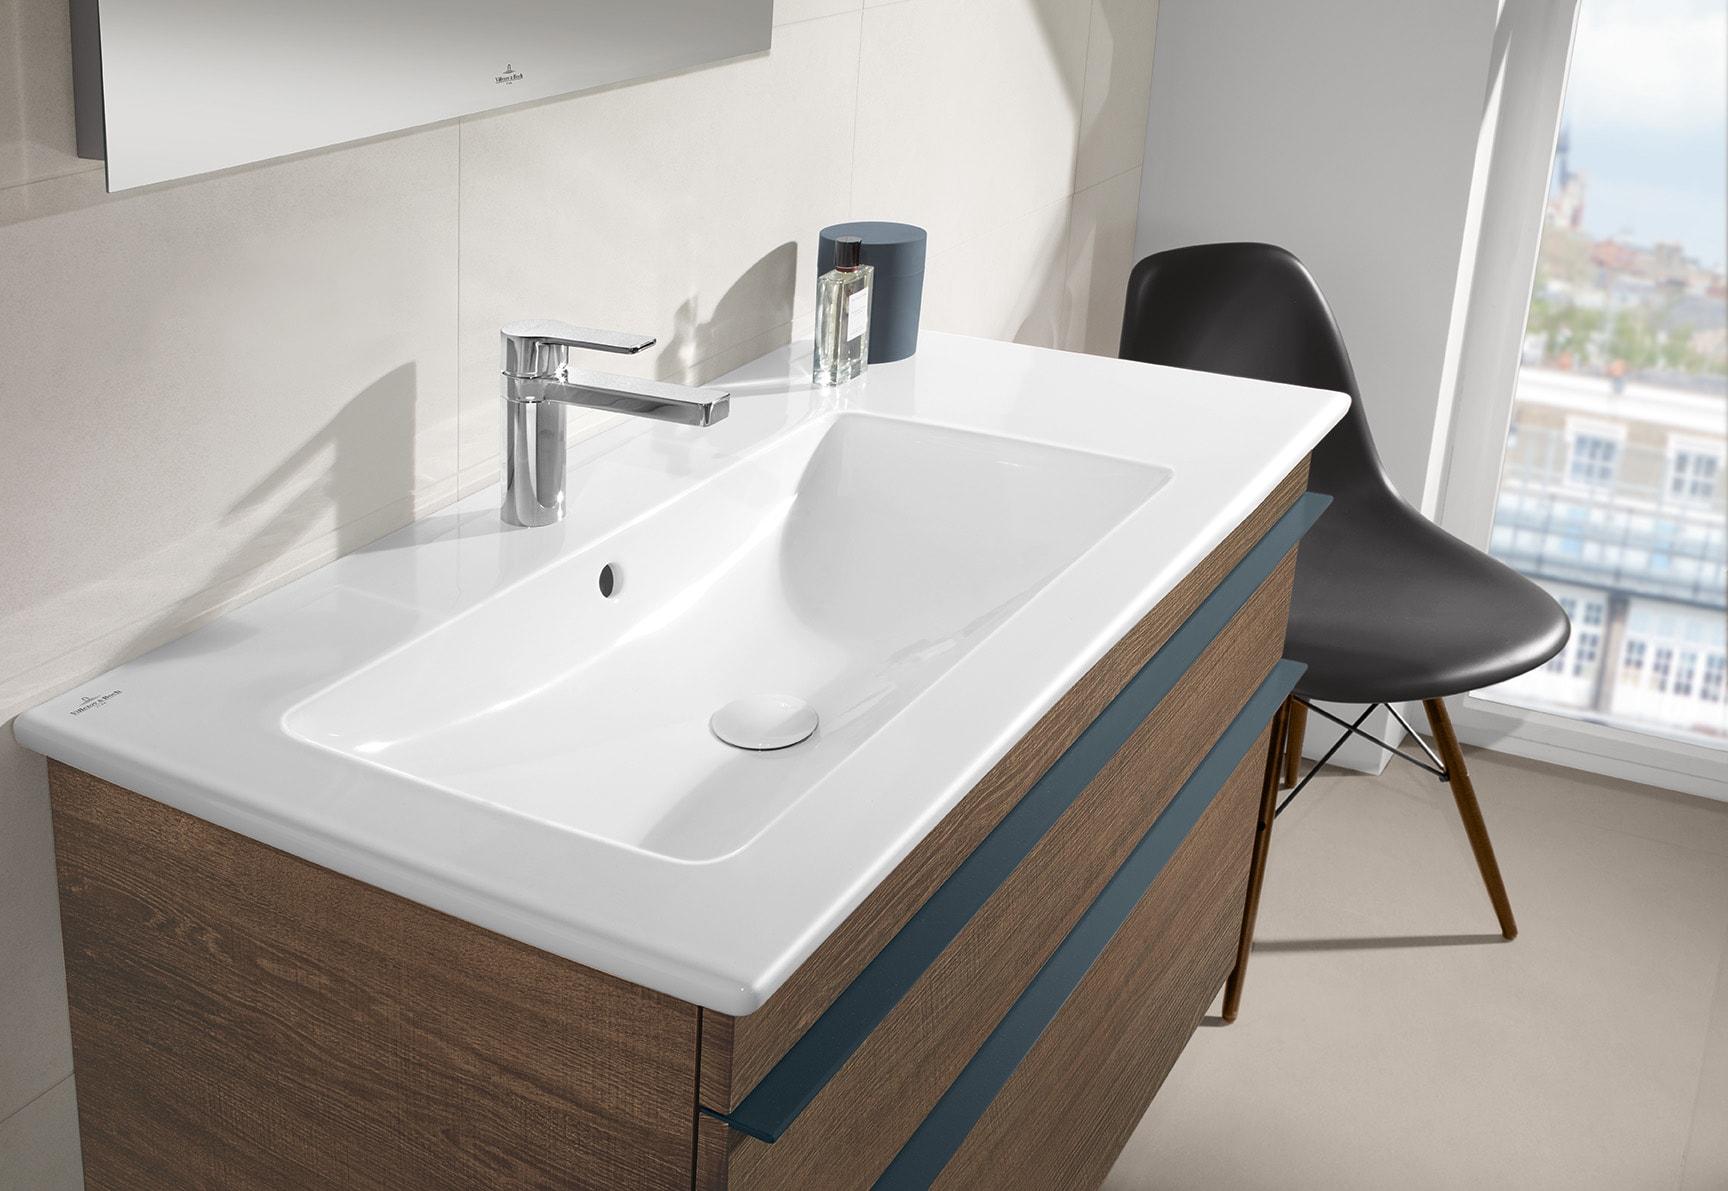 Minimalistická hranatá umyvadla pro vaši koupelnu 7